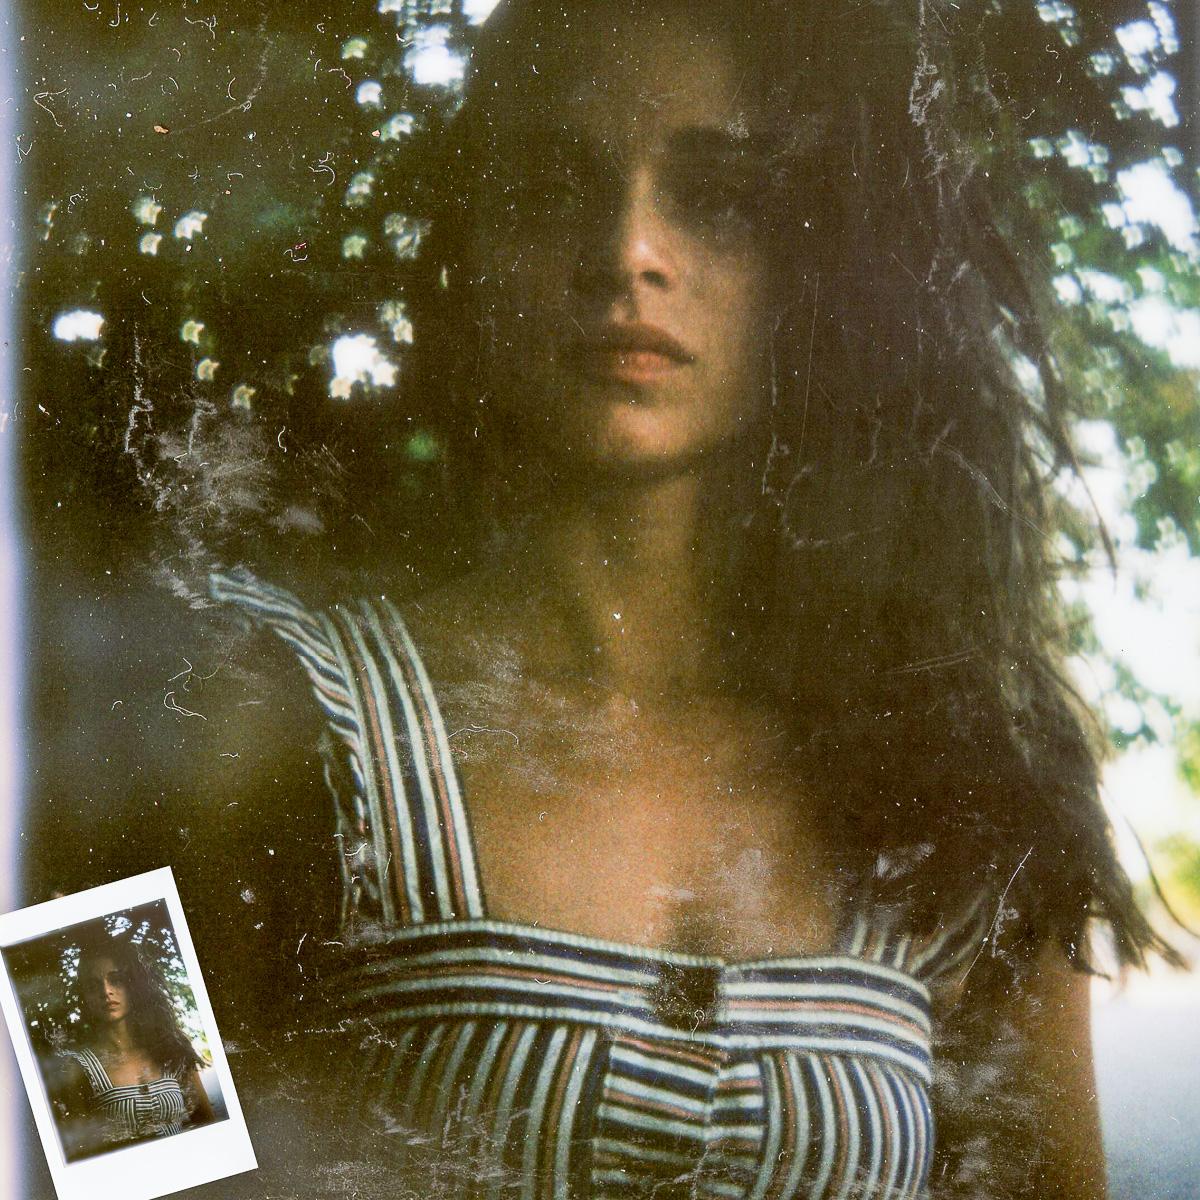 Mint-TL70 _web-insta _instax135_Romain Sandt - Justine Demeaux